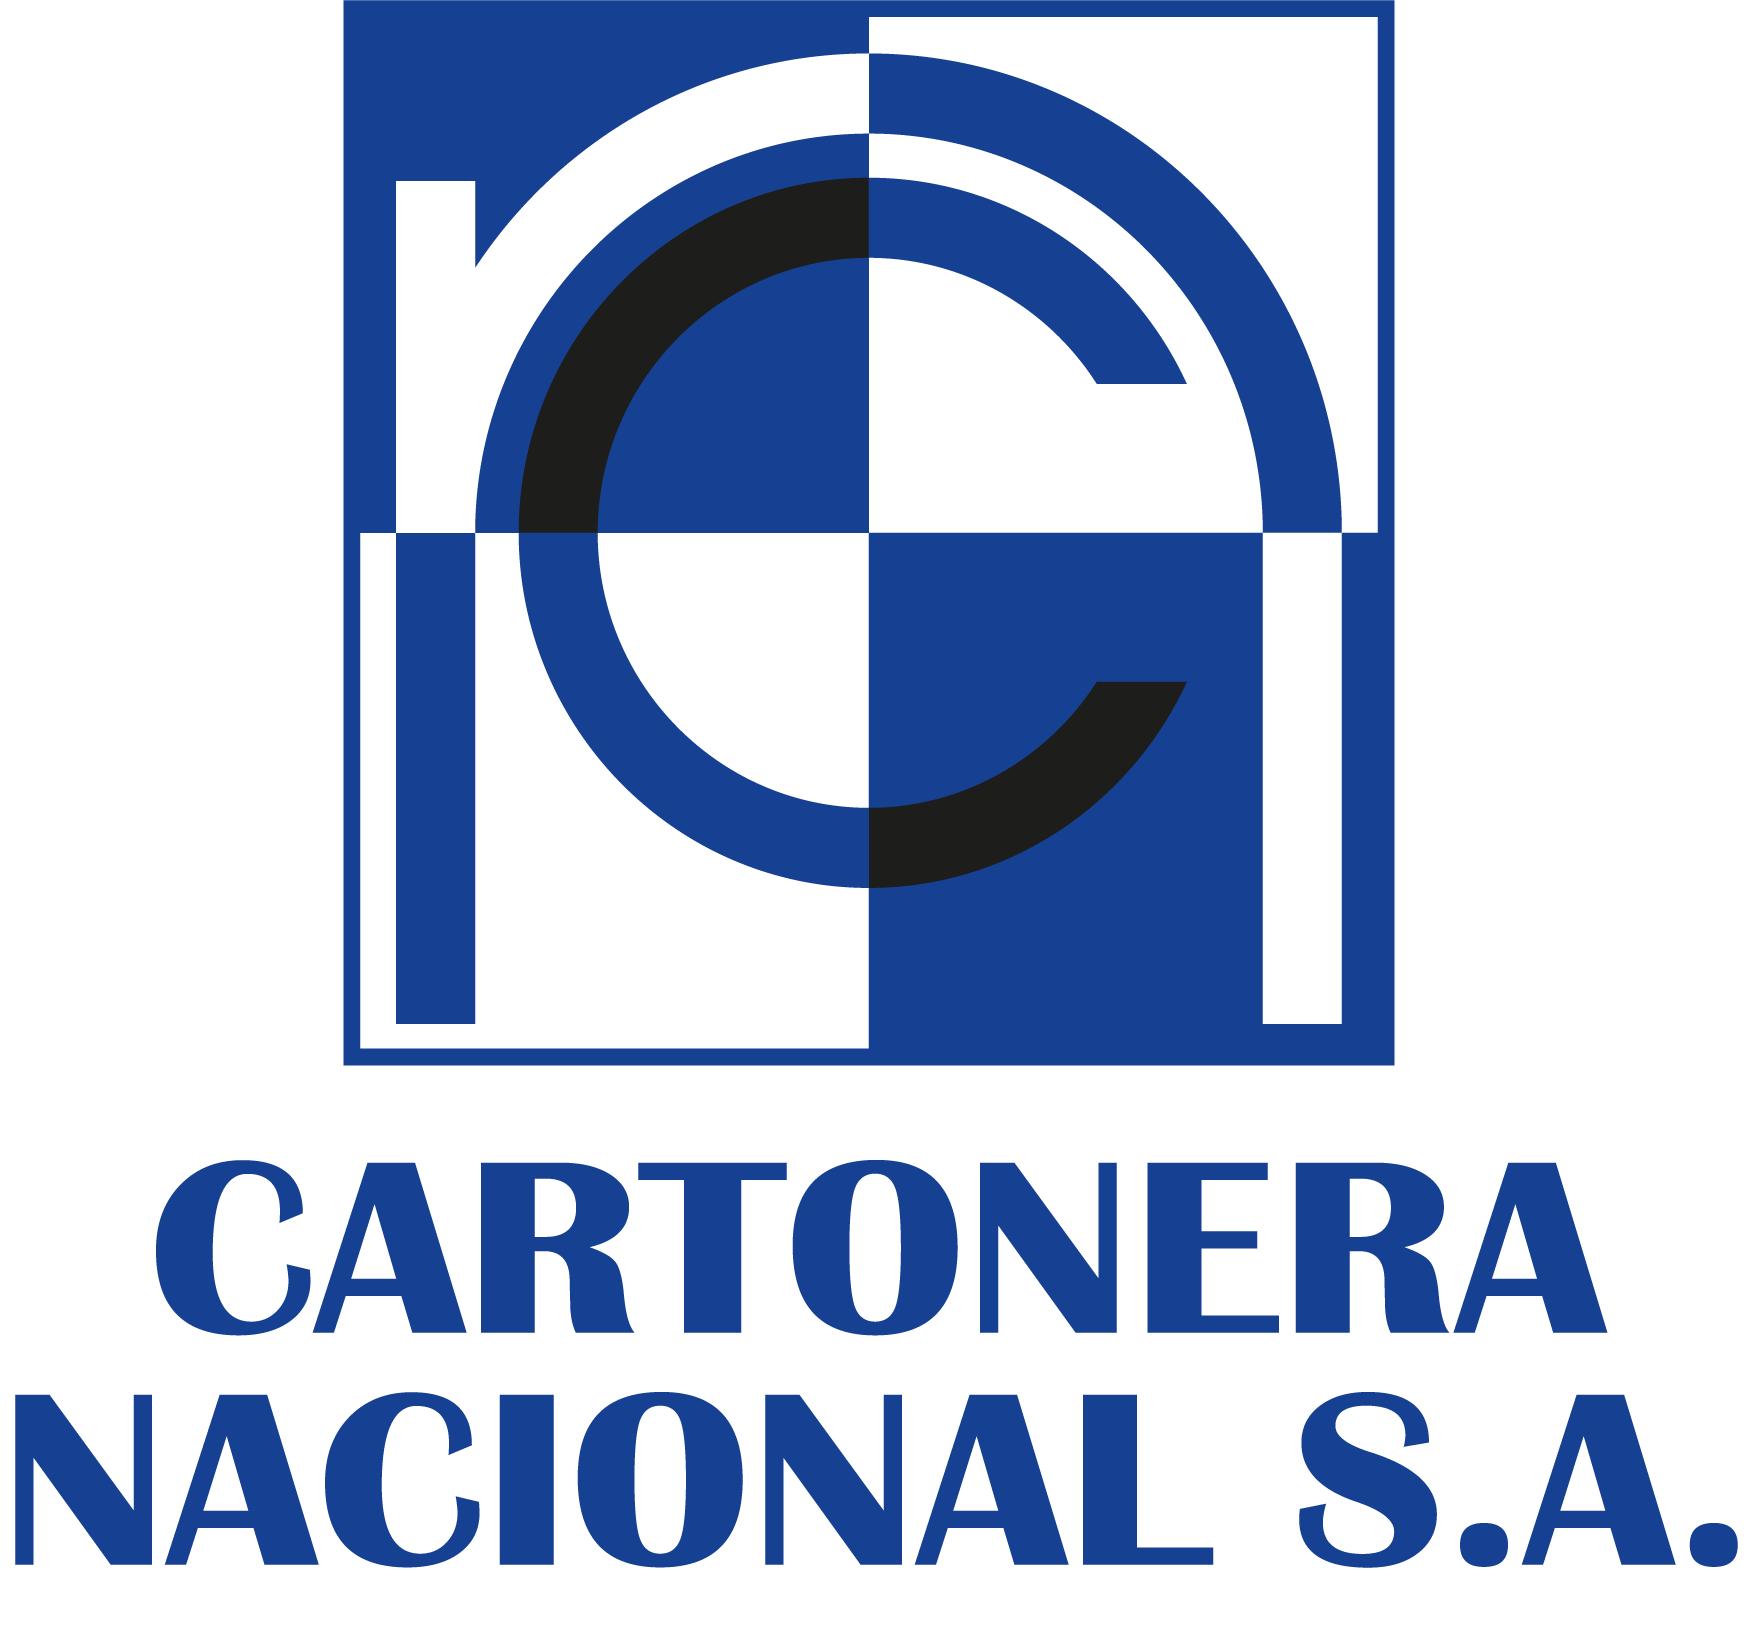 Cartonera Nacional